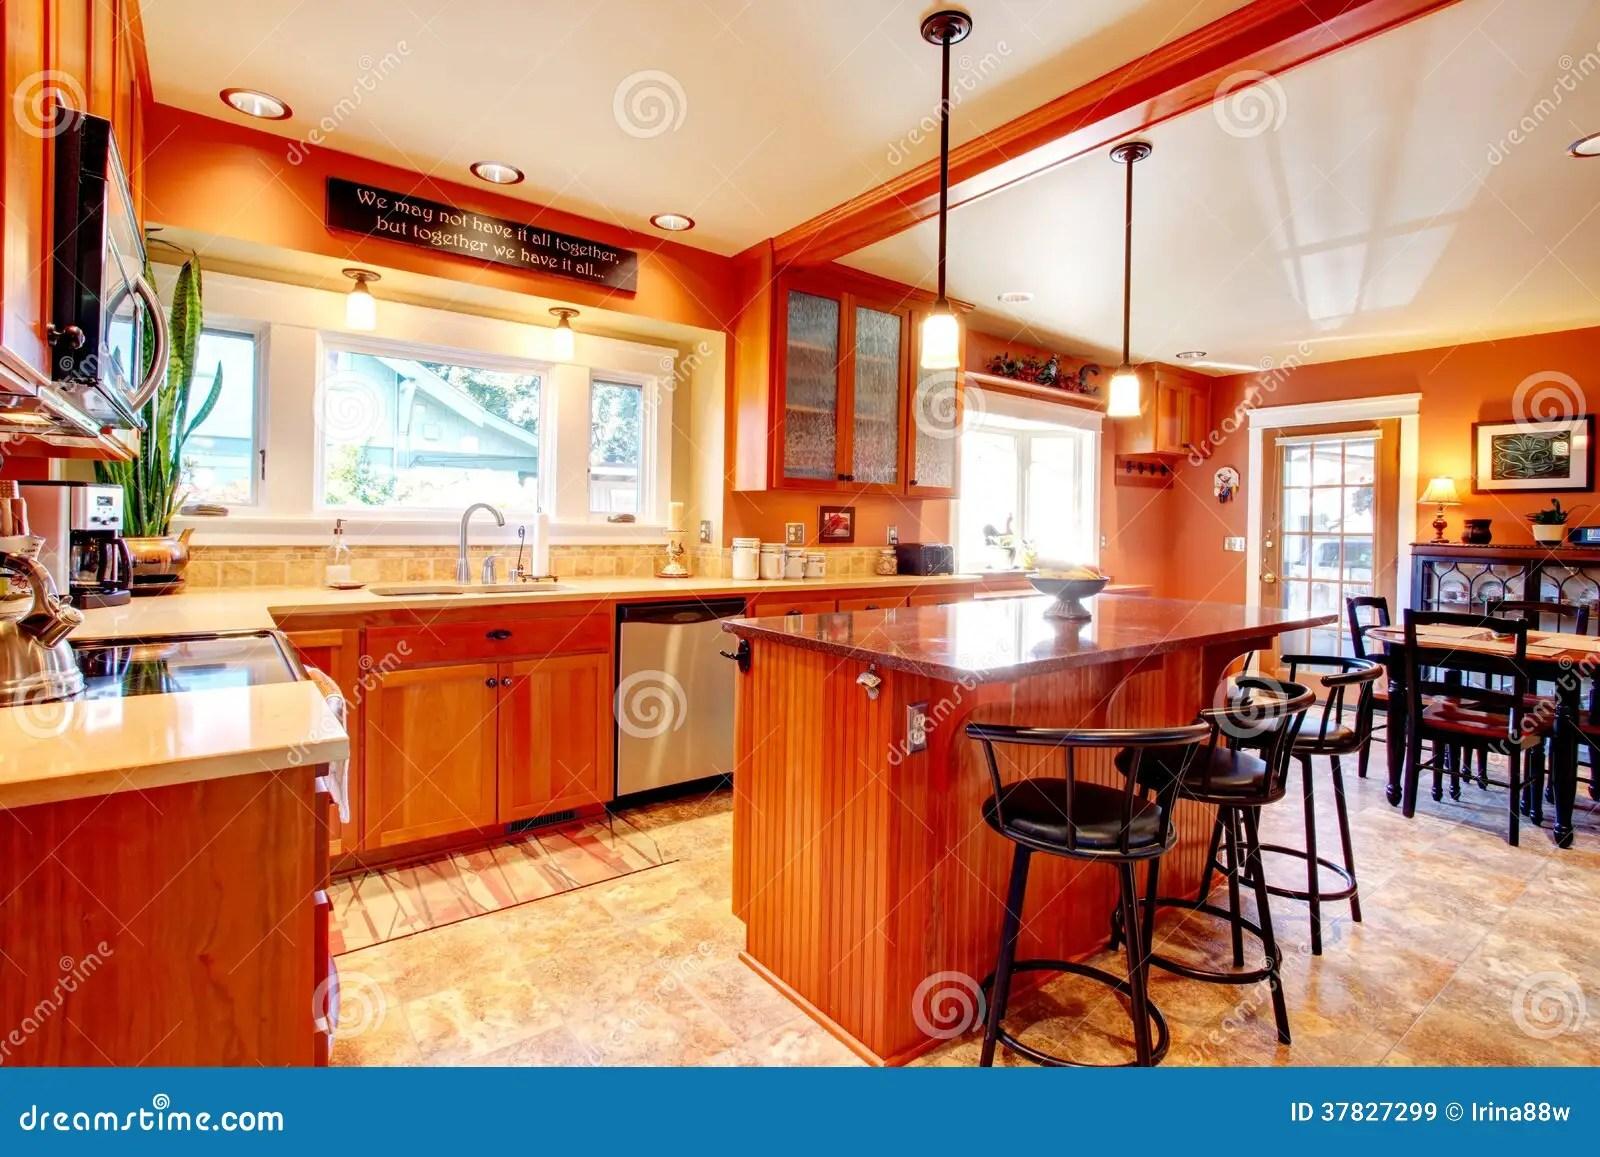 Küche Große Menschen | Küchen Türen Erneuern Jcooler